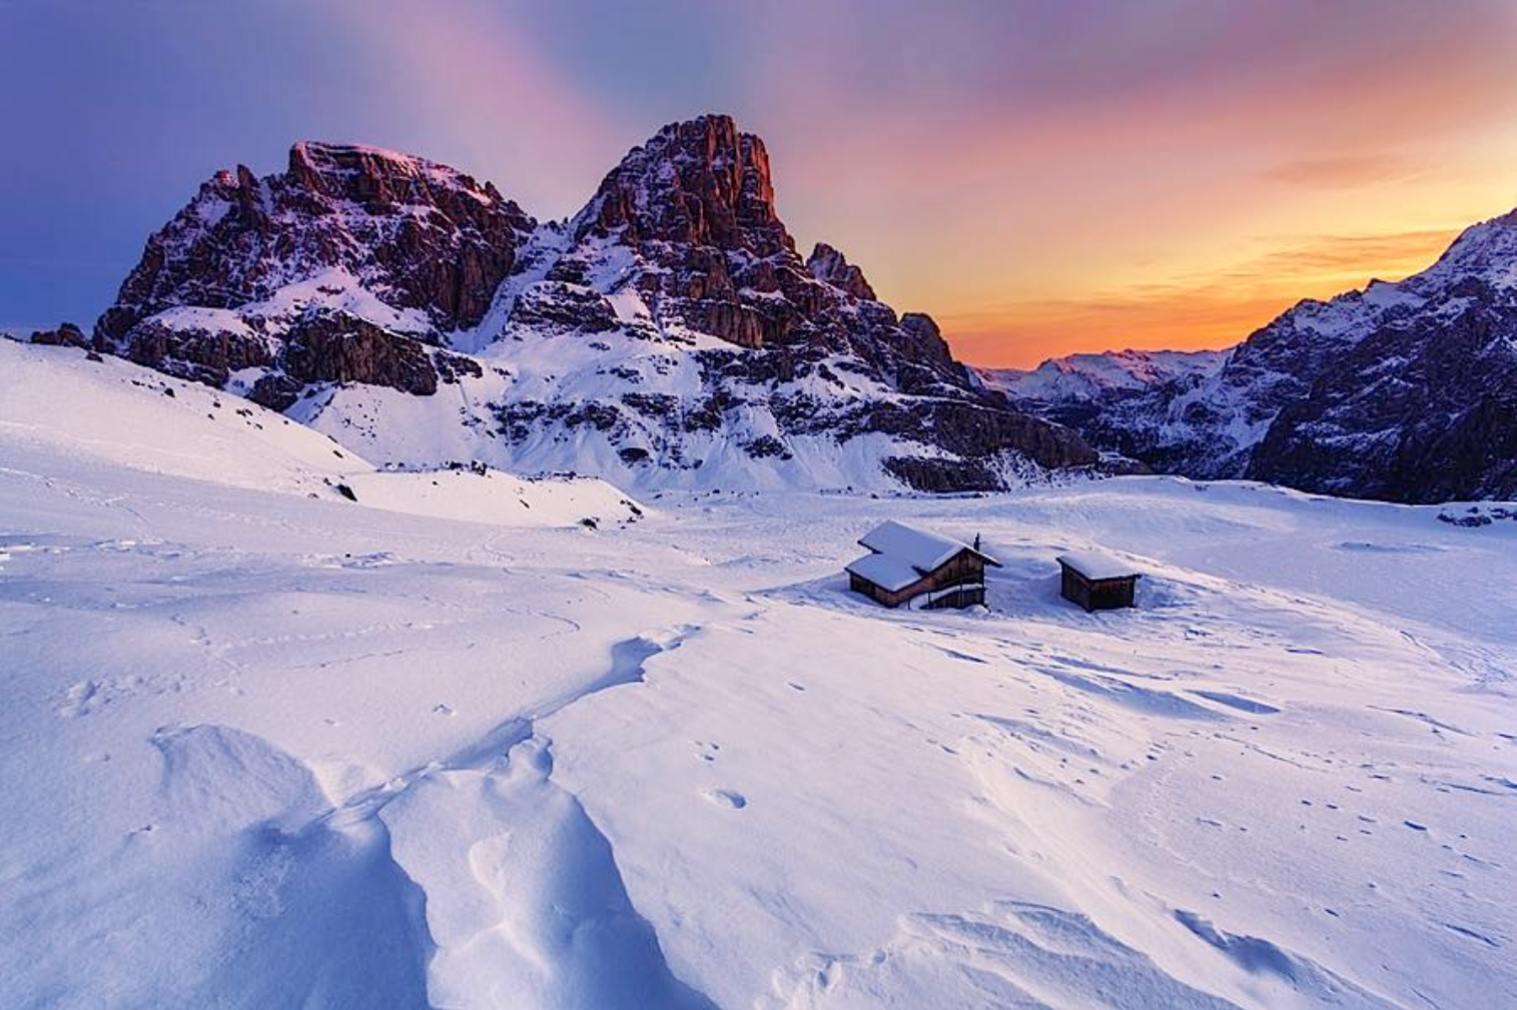 Doze Paisagens Inspiradoras Do Inverno No Nosso Planeta